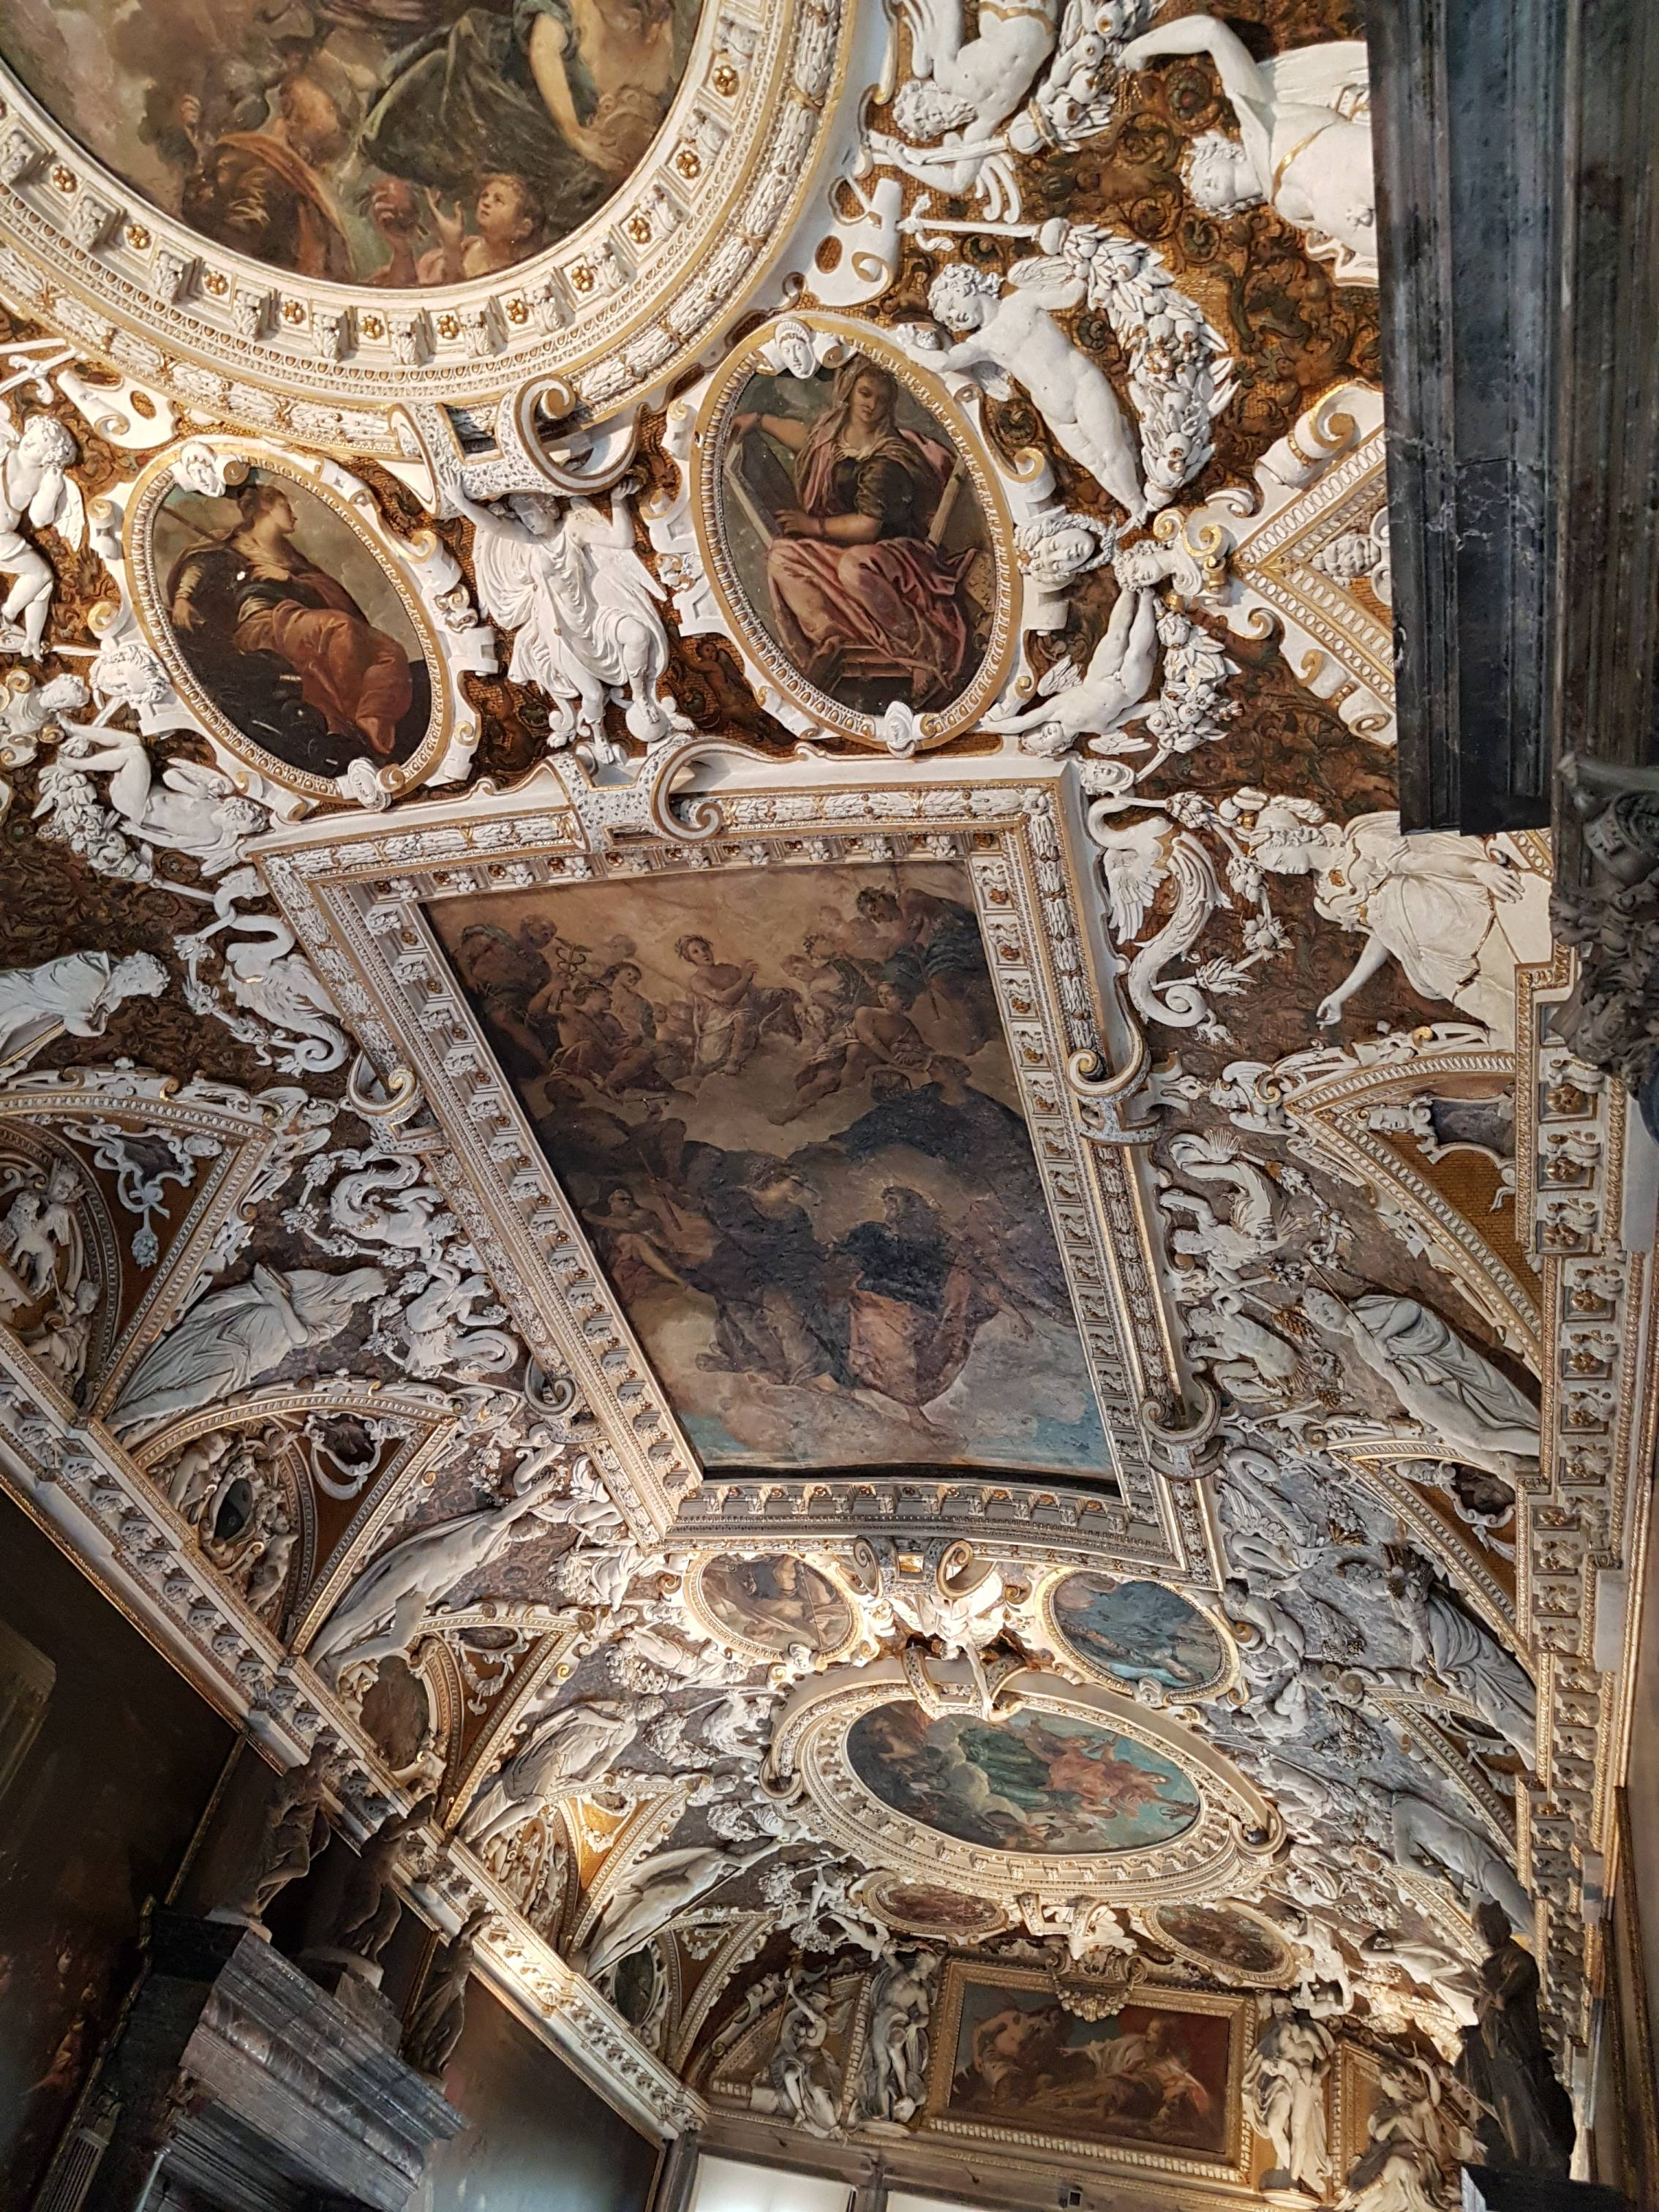 Photo 3: Le palais des doges, somptueux!